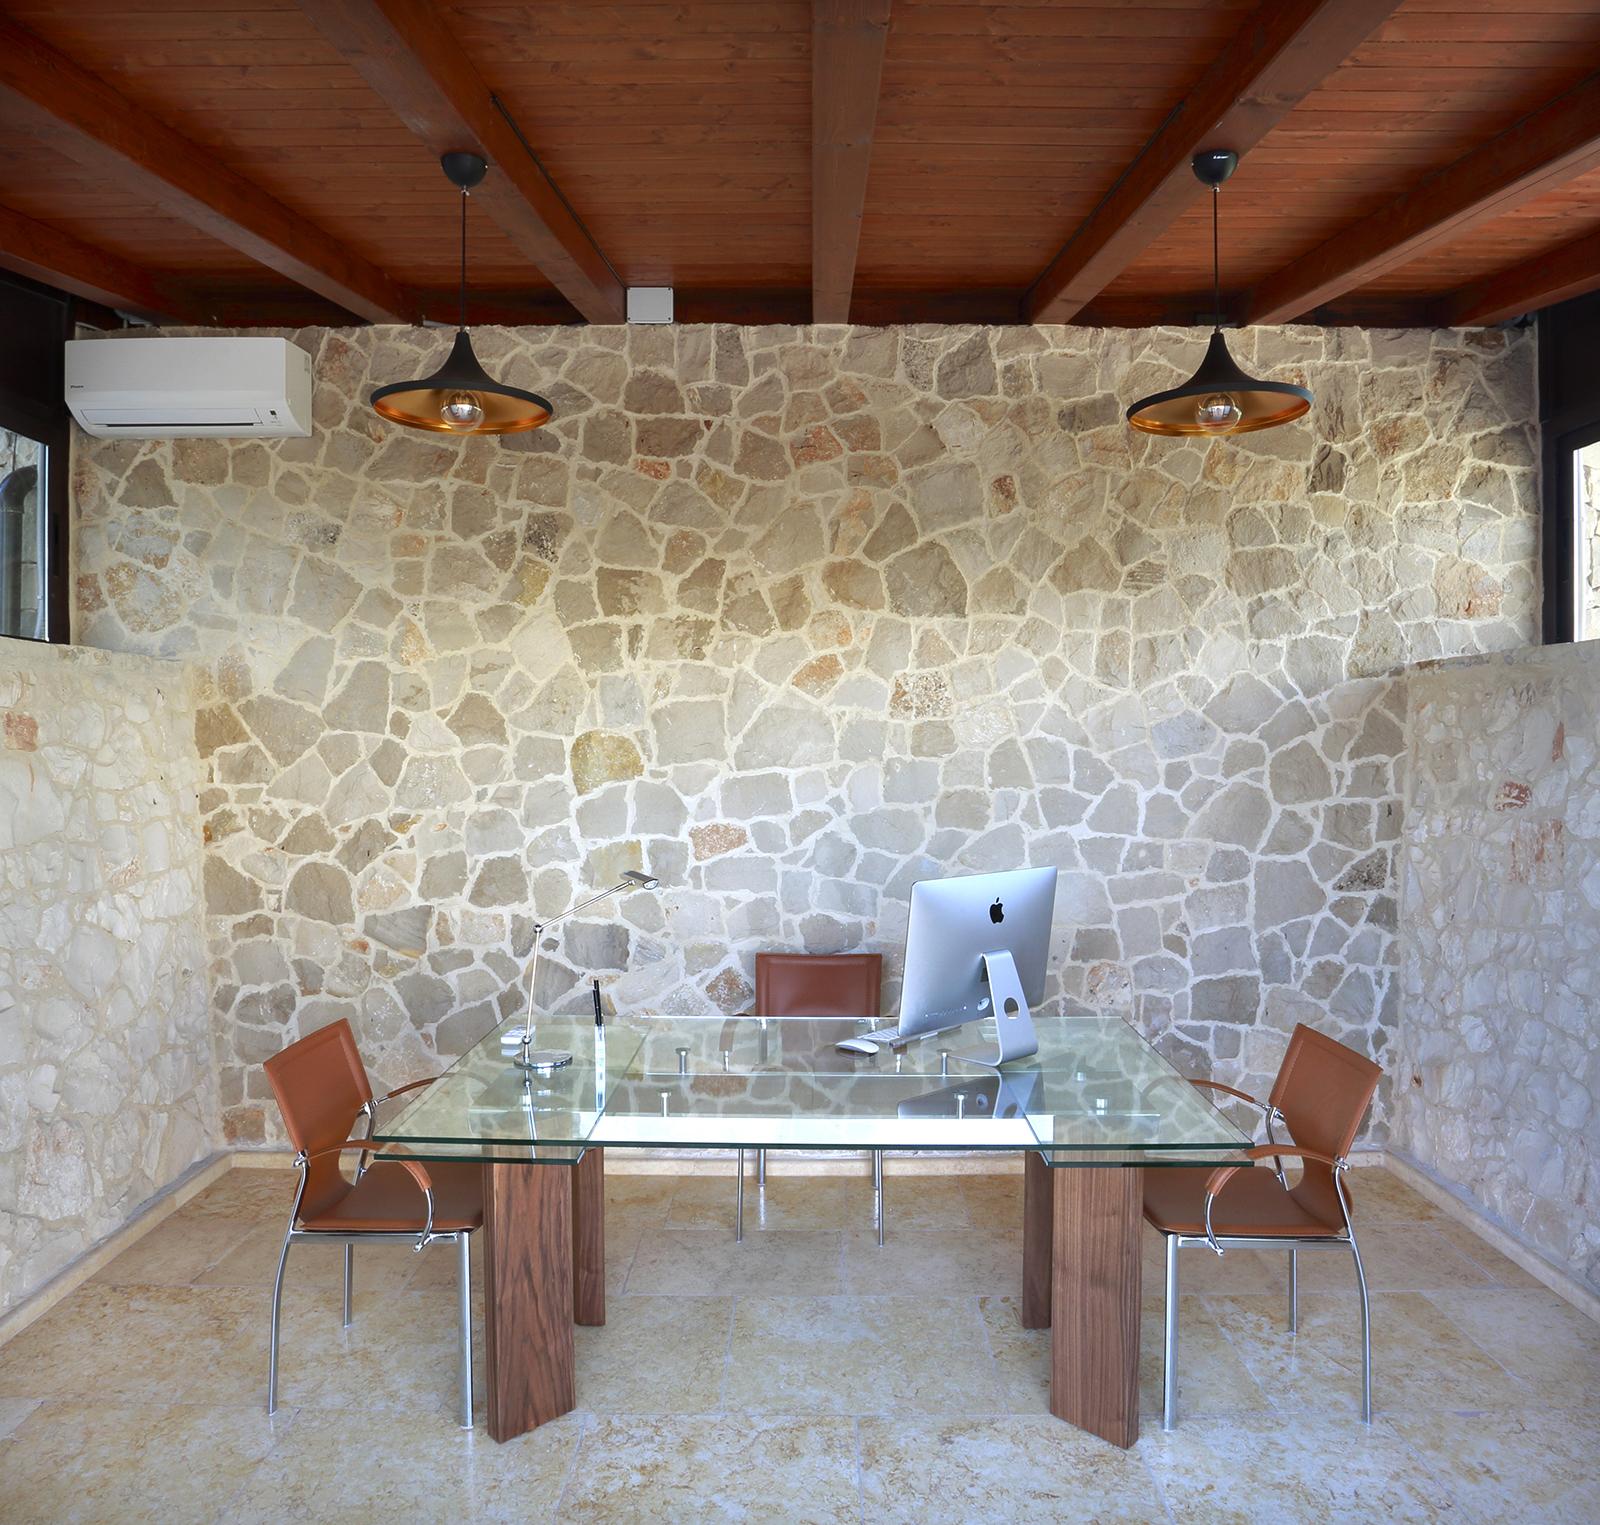 Bagno Esterno In Giardino ferrocino resort : una lussuosa struttura situata in salento